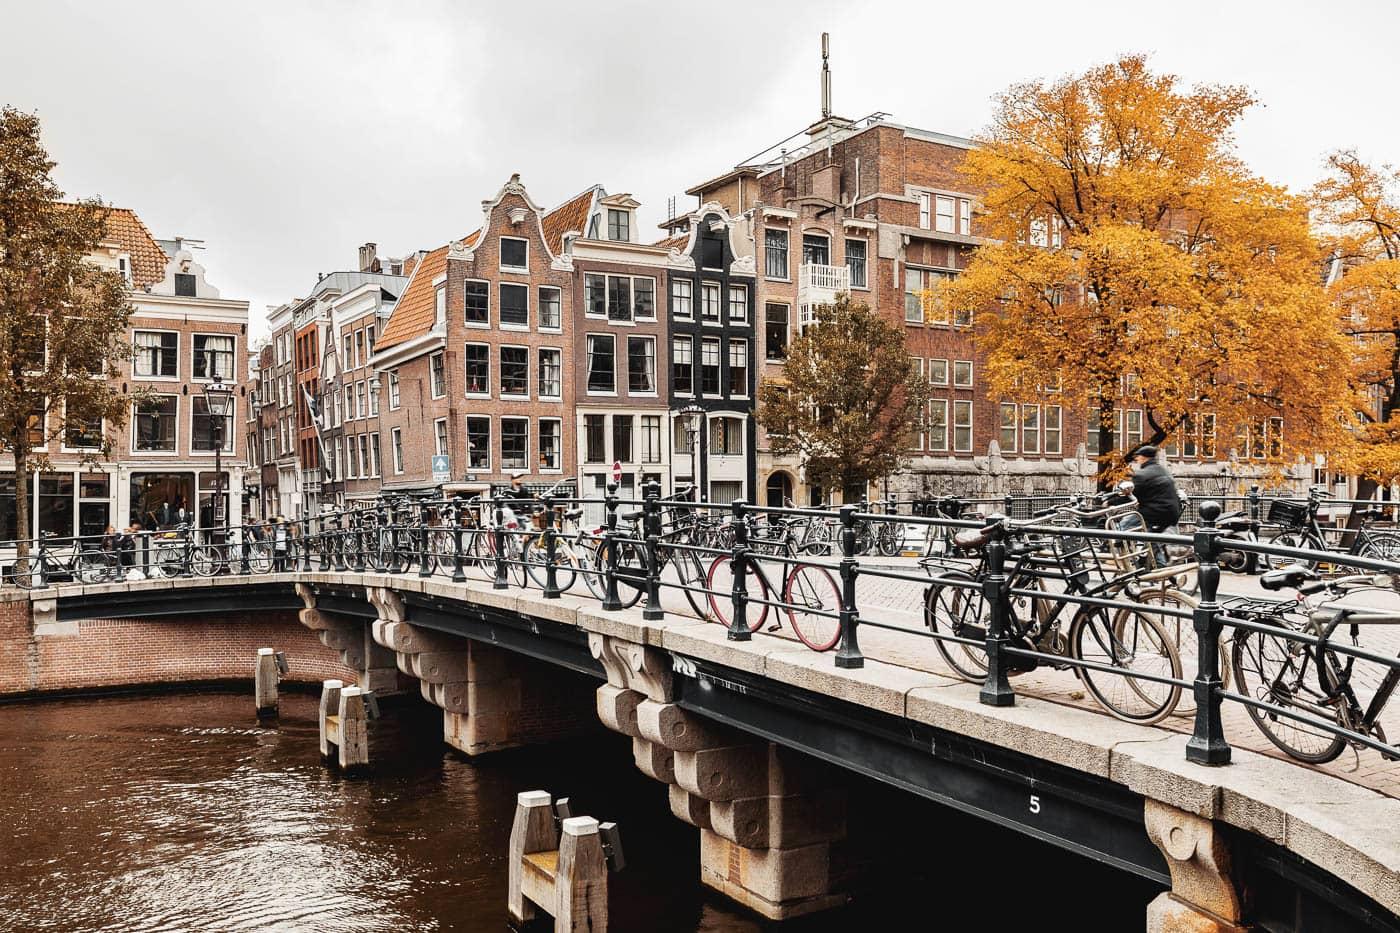 Singel Gracht in Amsterdam, Niederlande, Brücke im Herbst